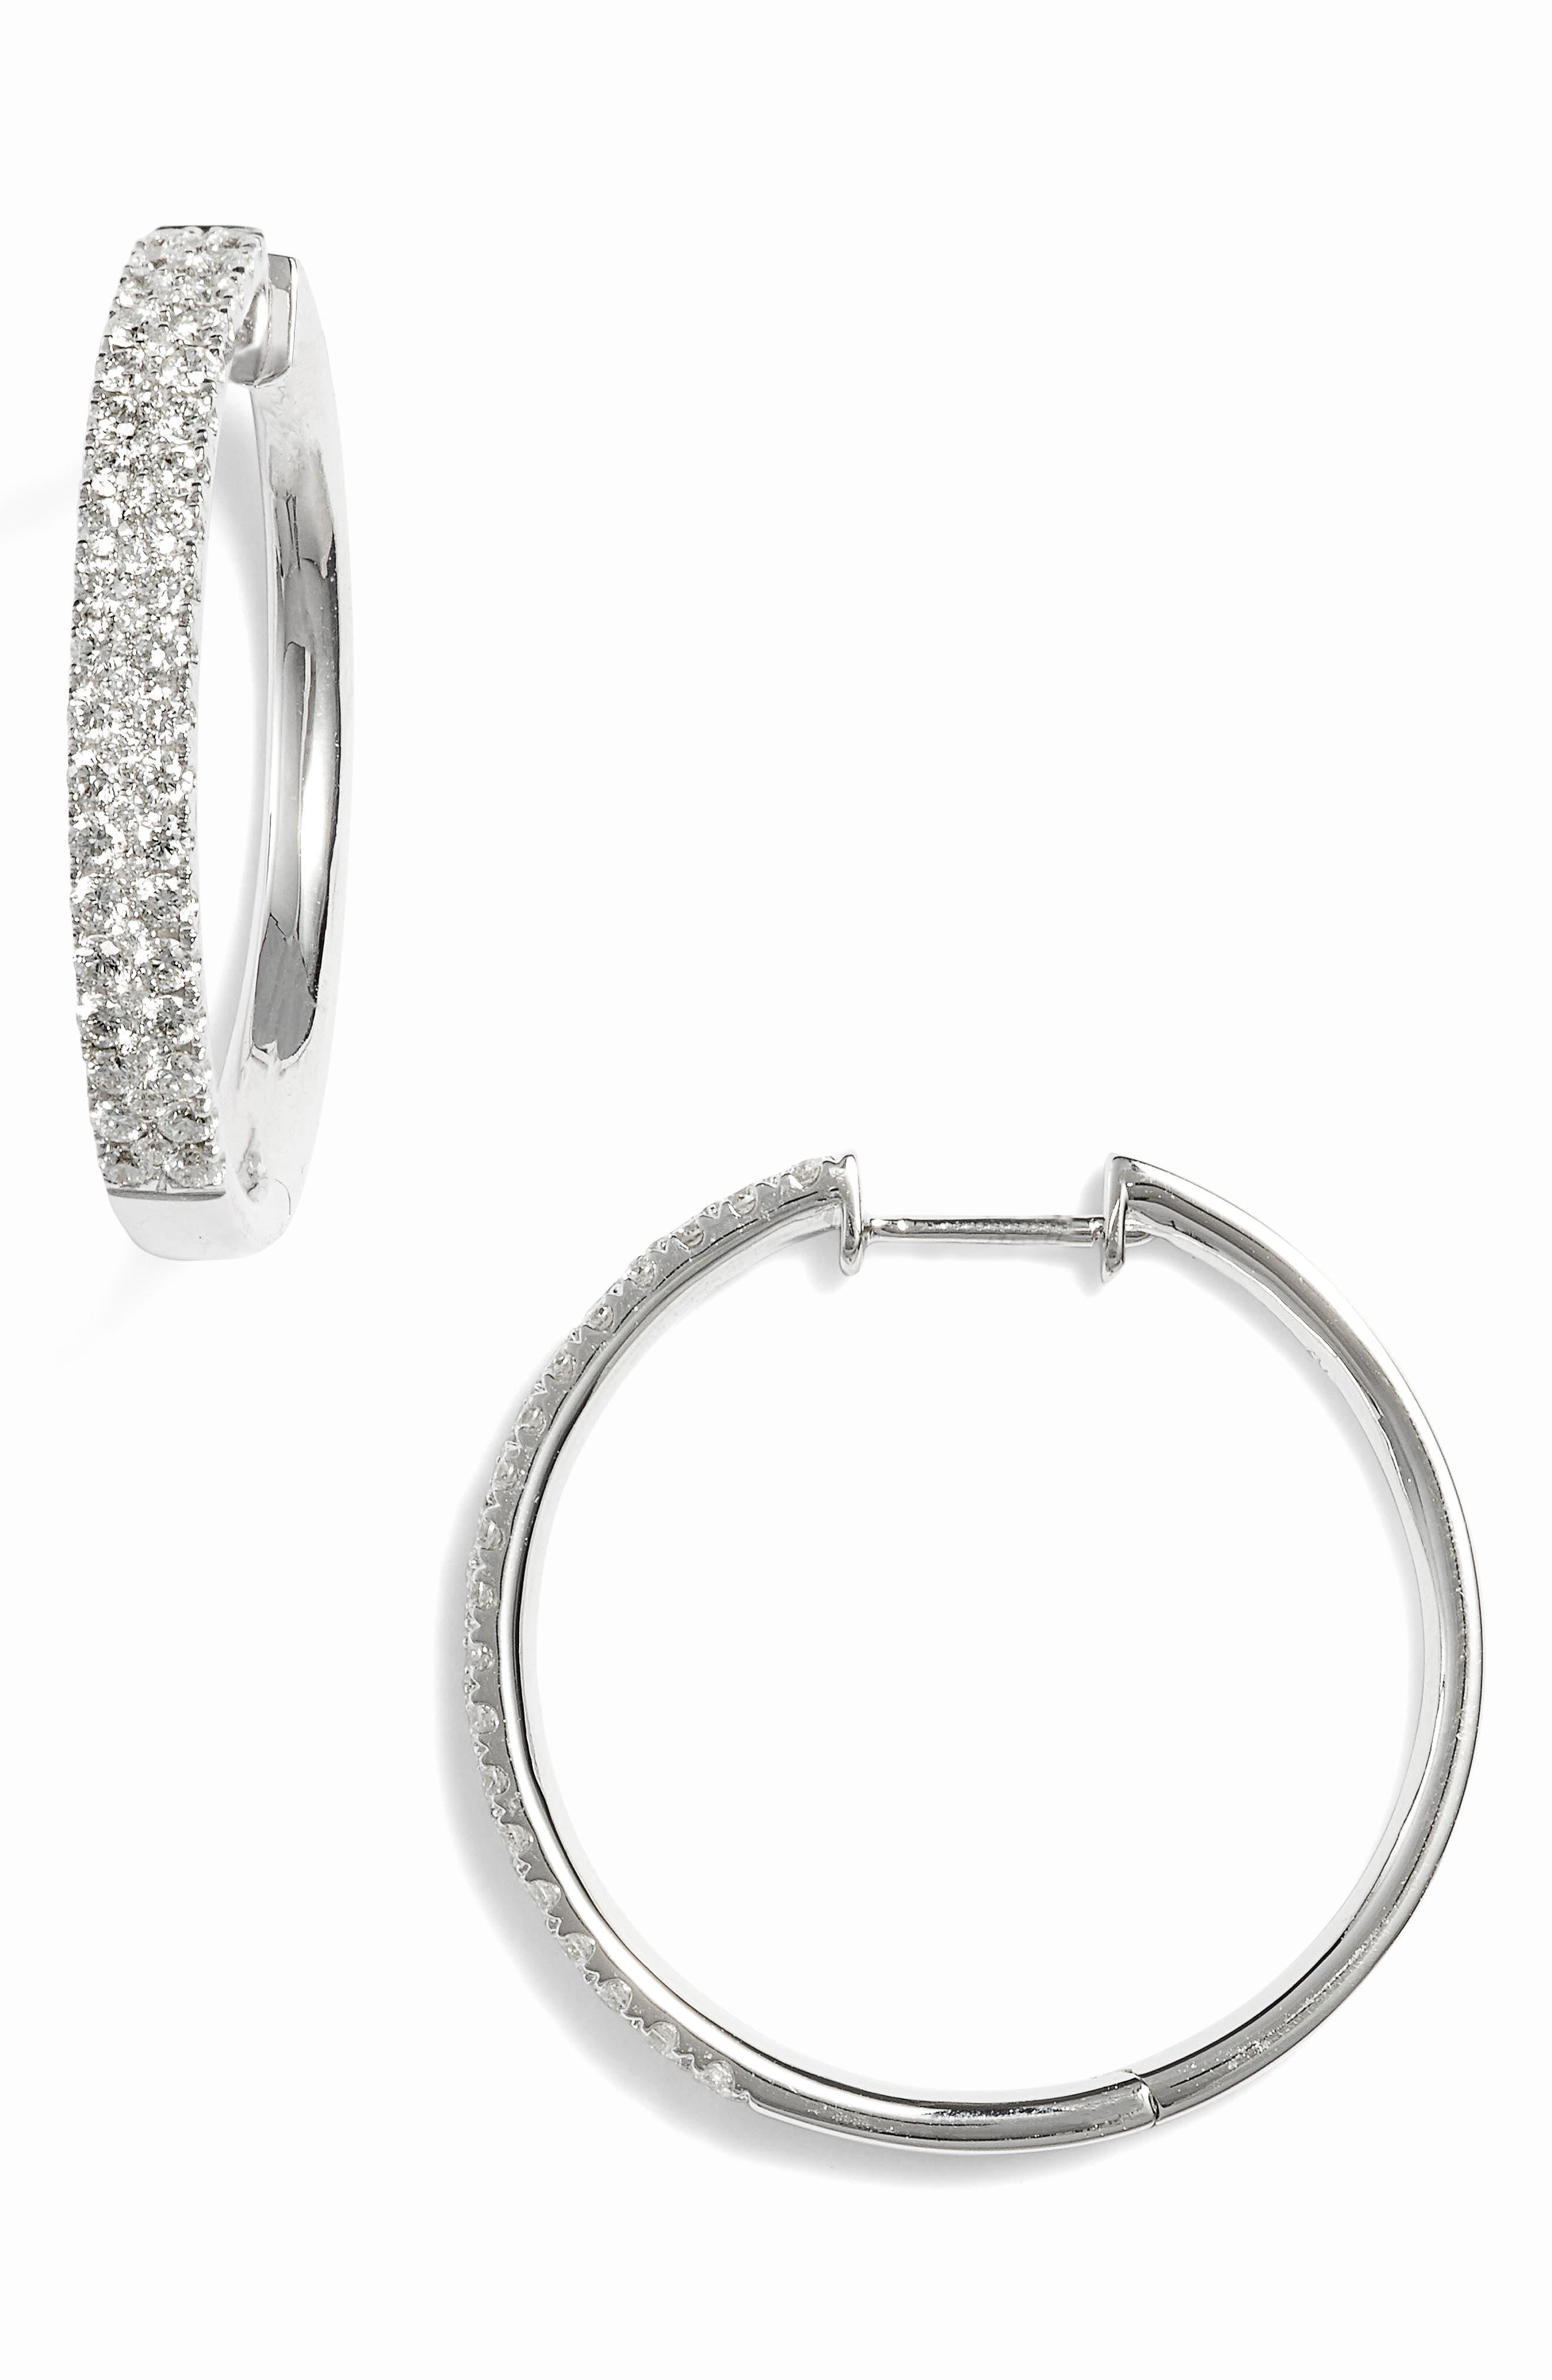 Alternate Image 1 Selected - Bony Levy Kiera Medium Diamond Hoop Earrings (Nordstrom Exclusive)